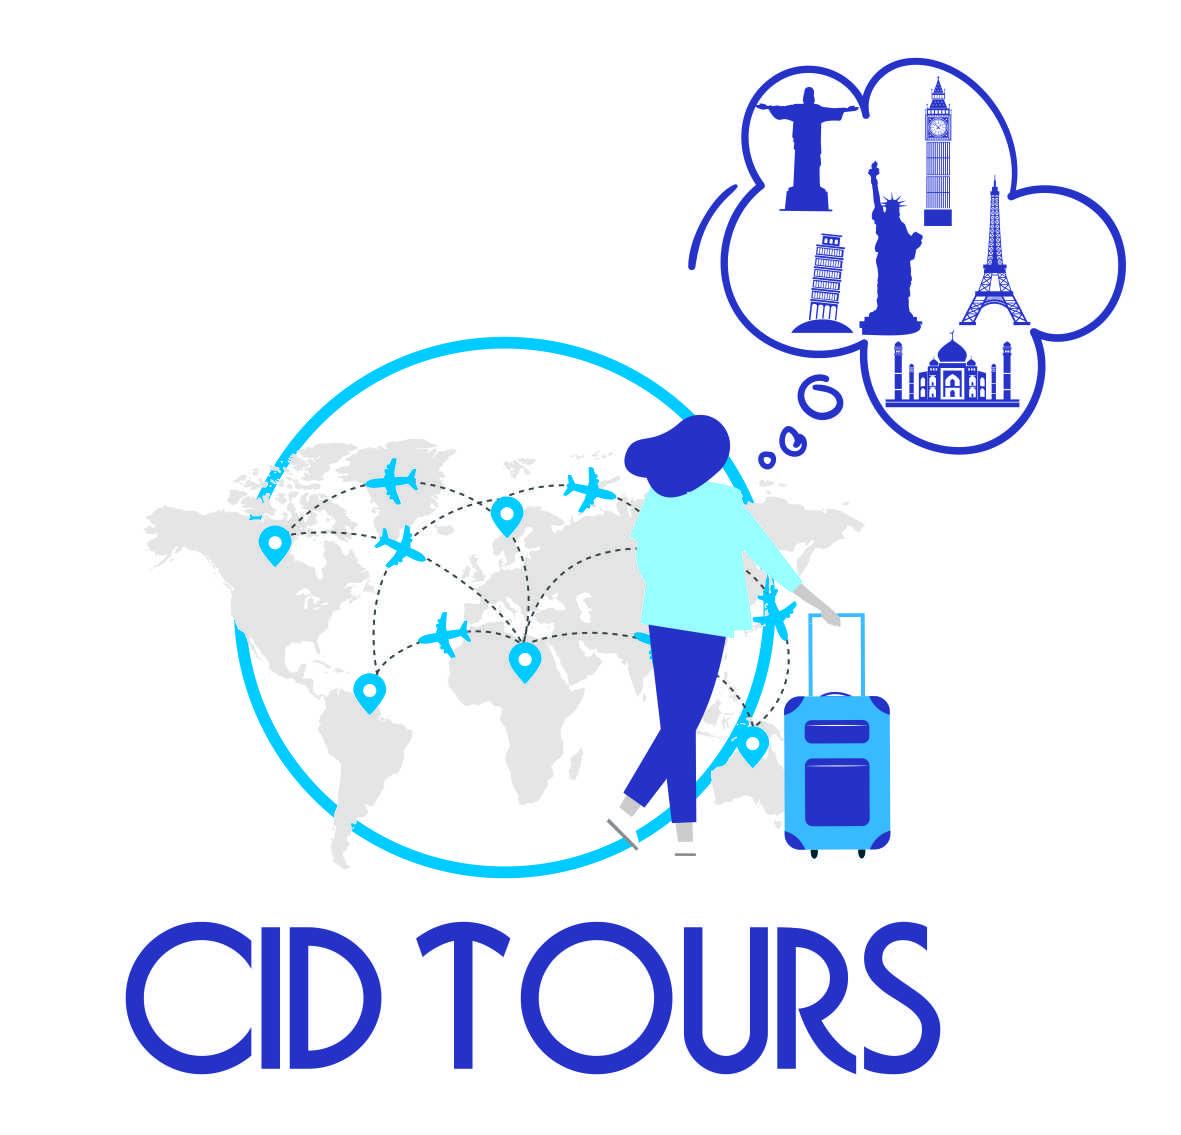 CID TOURS